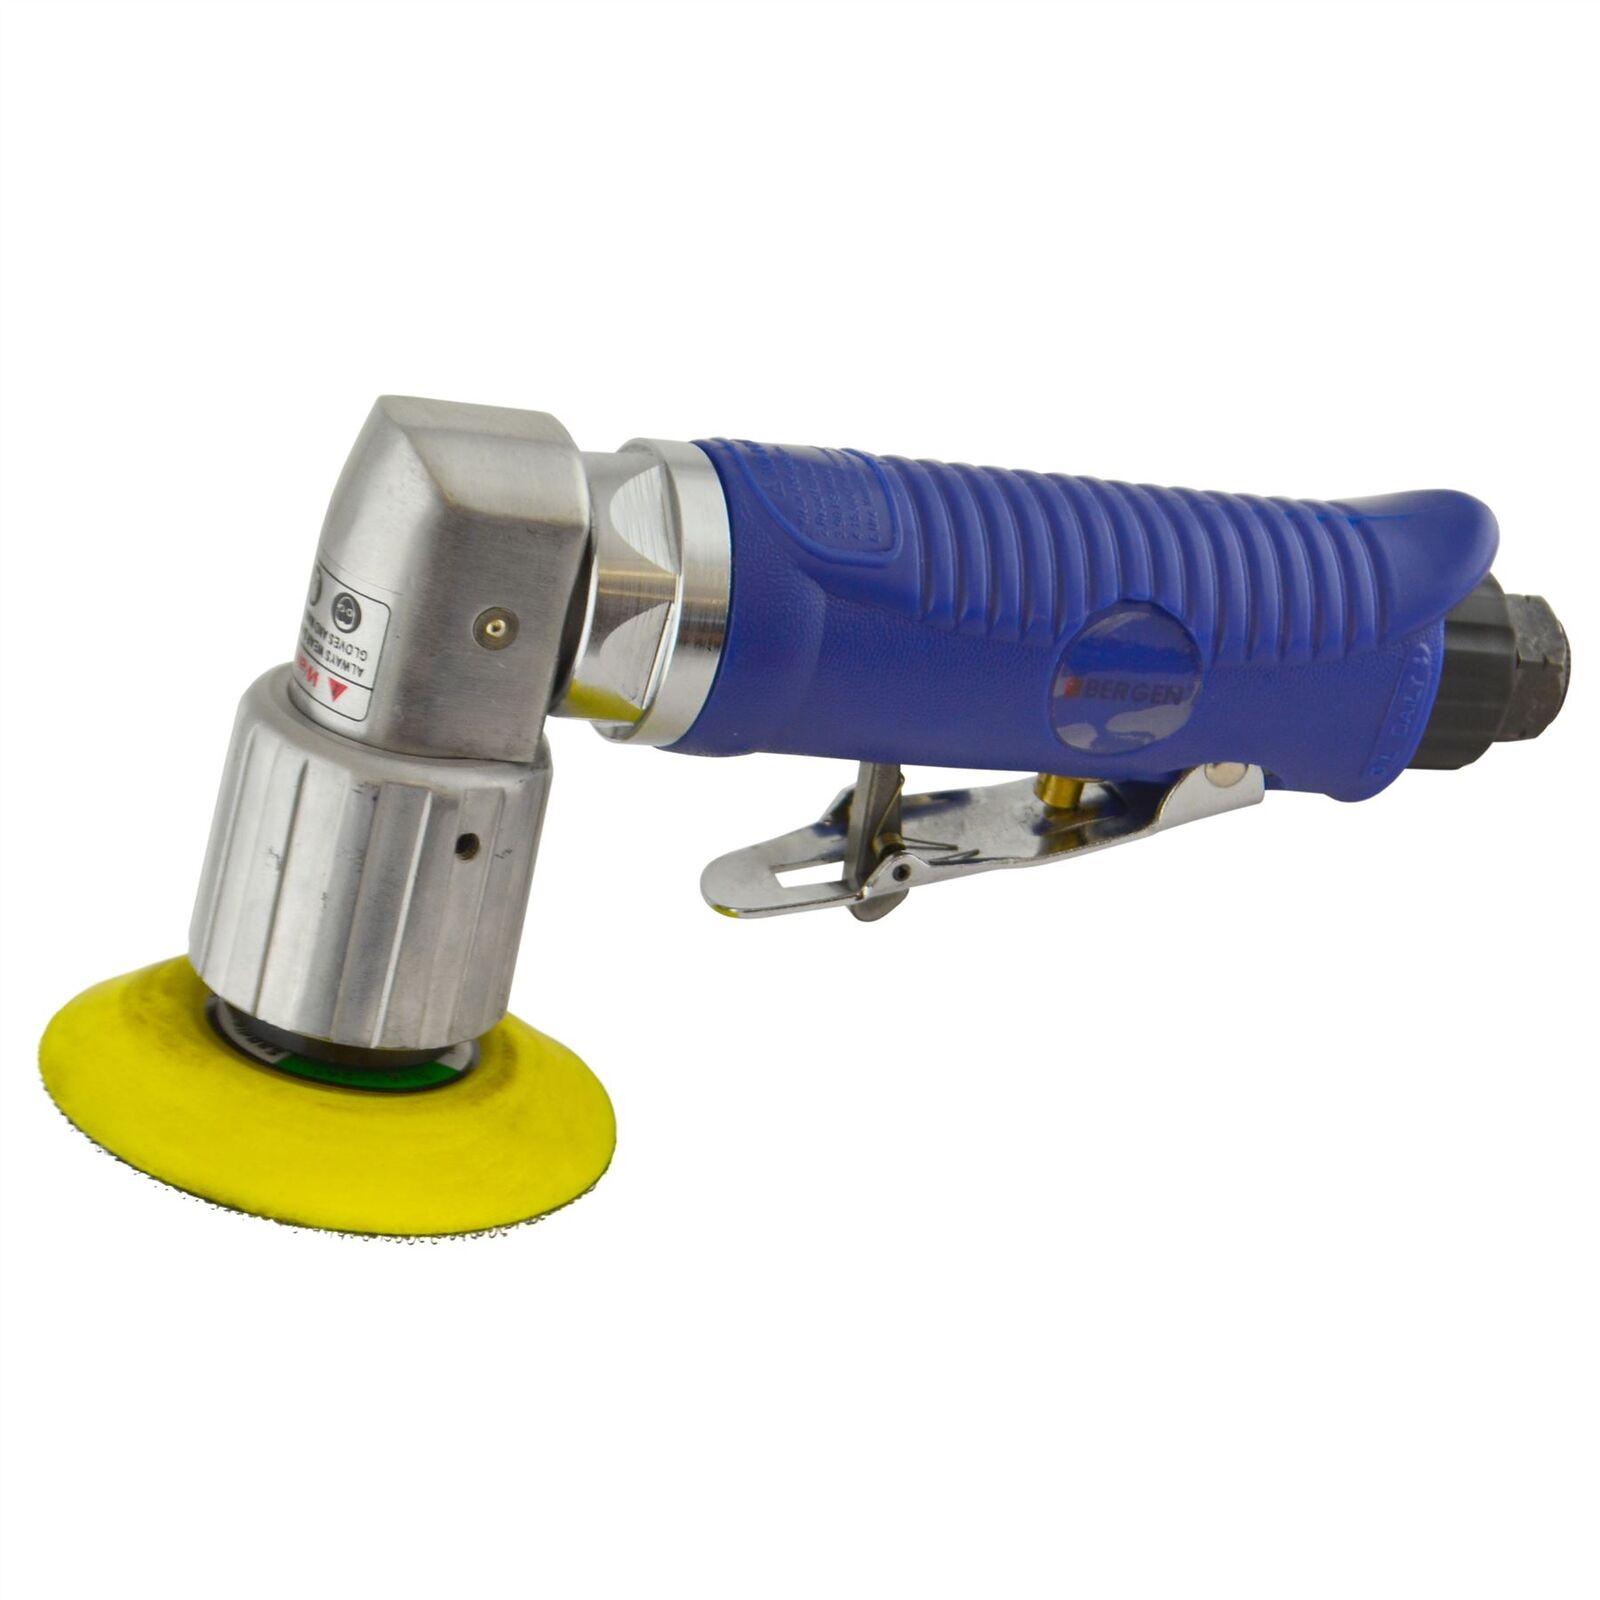 2  50mm Air Angle Sander Grinder Polisher With Hook Loop Pad Sanding Pad